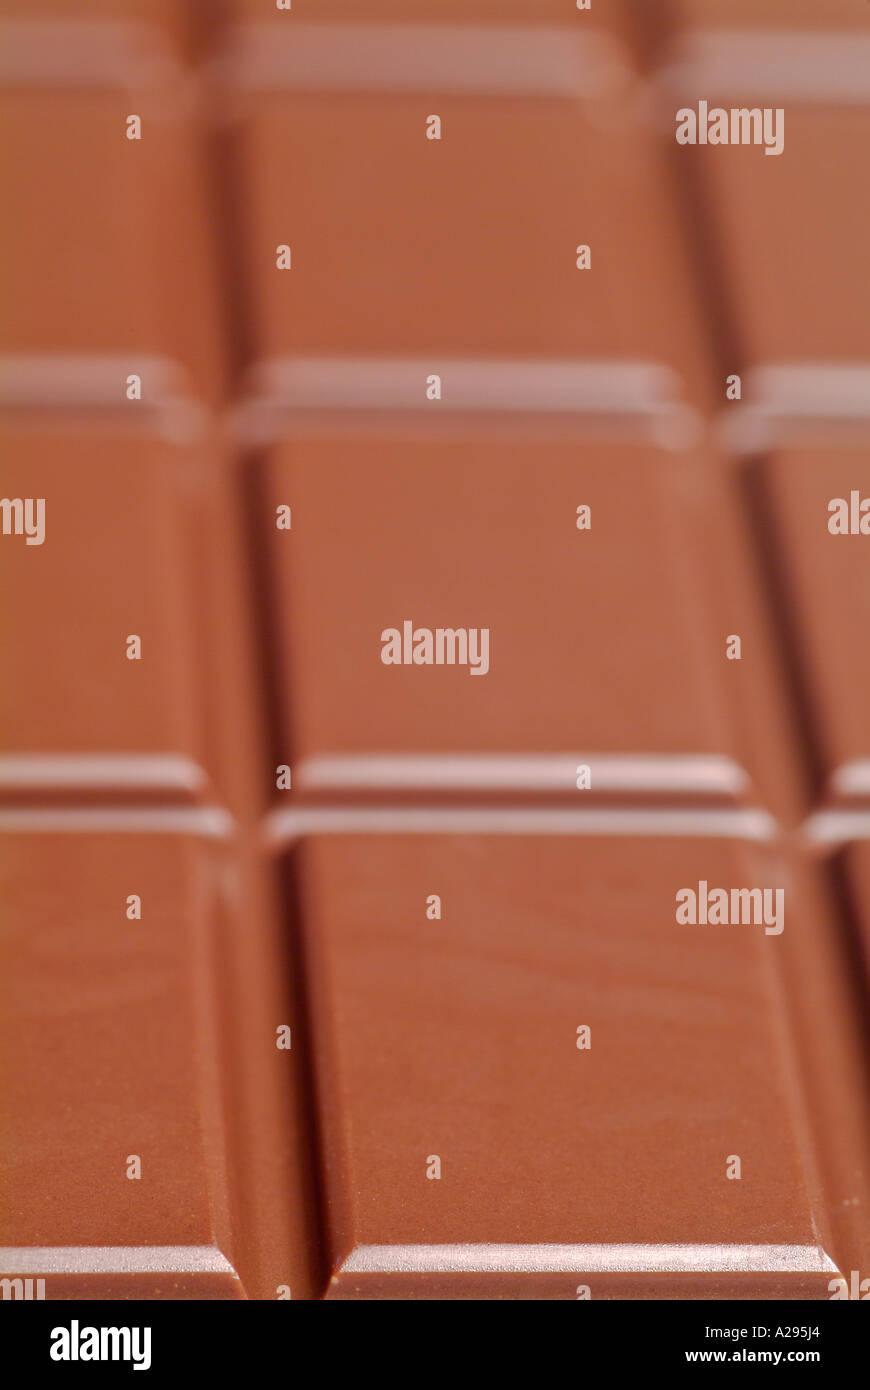 Chocolate Bar, Close Up. - Stock Image